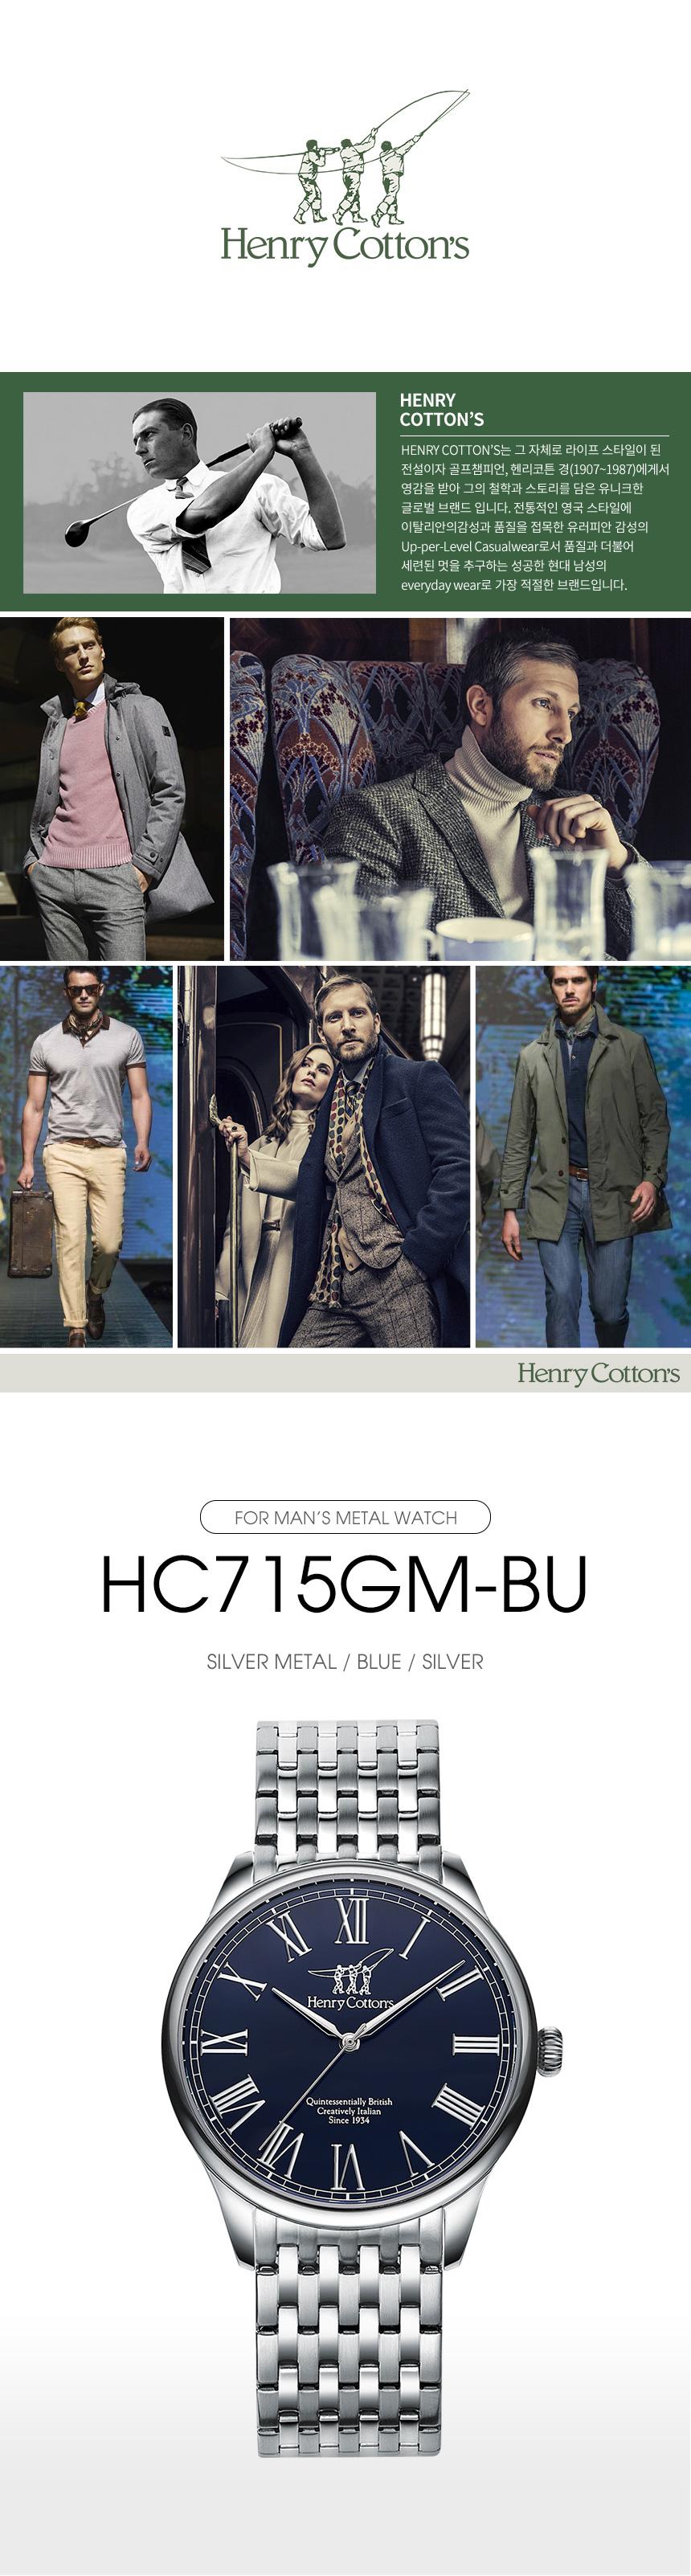 헨리코튼(HENRY COTTON'S) 남자 클래식 메탈시계 HC715GM-BU